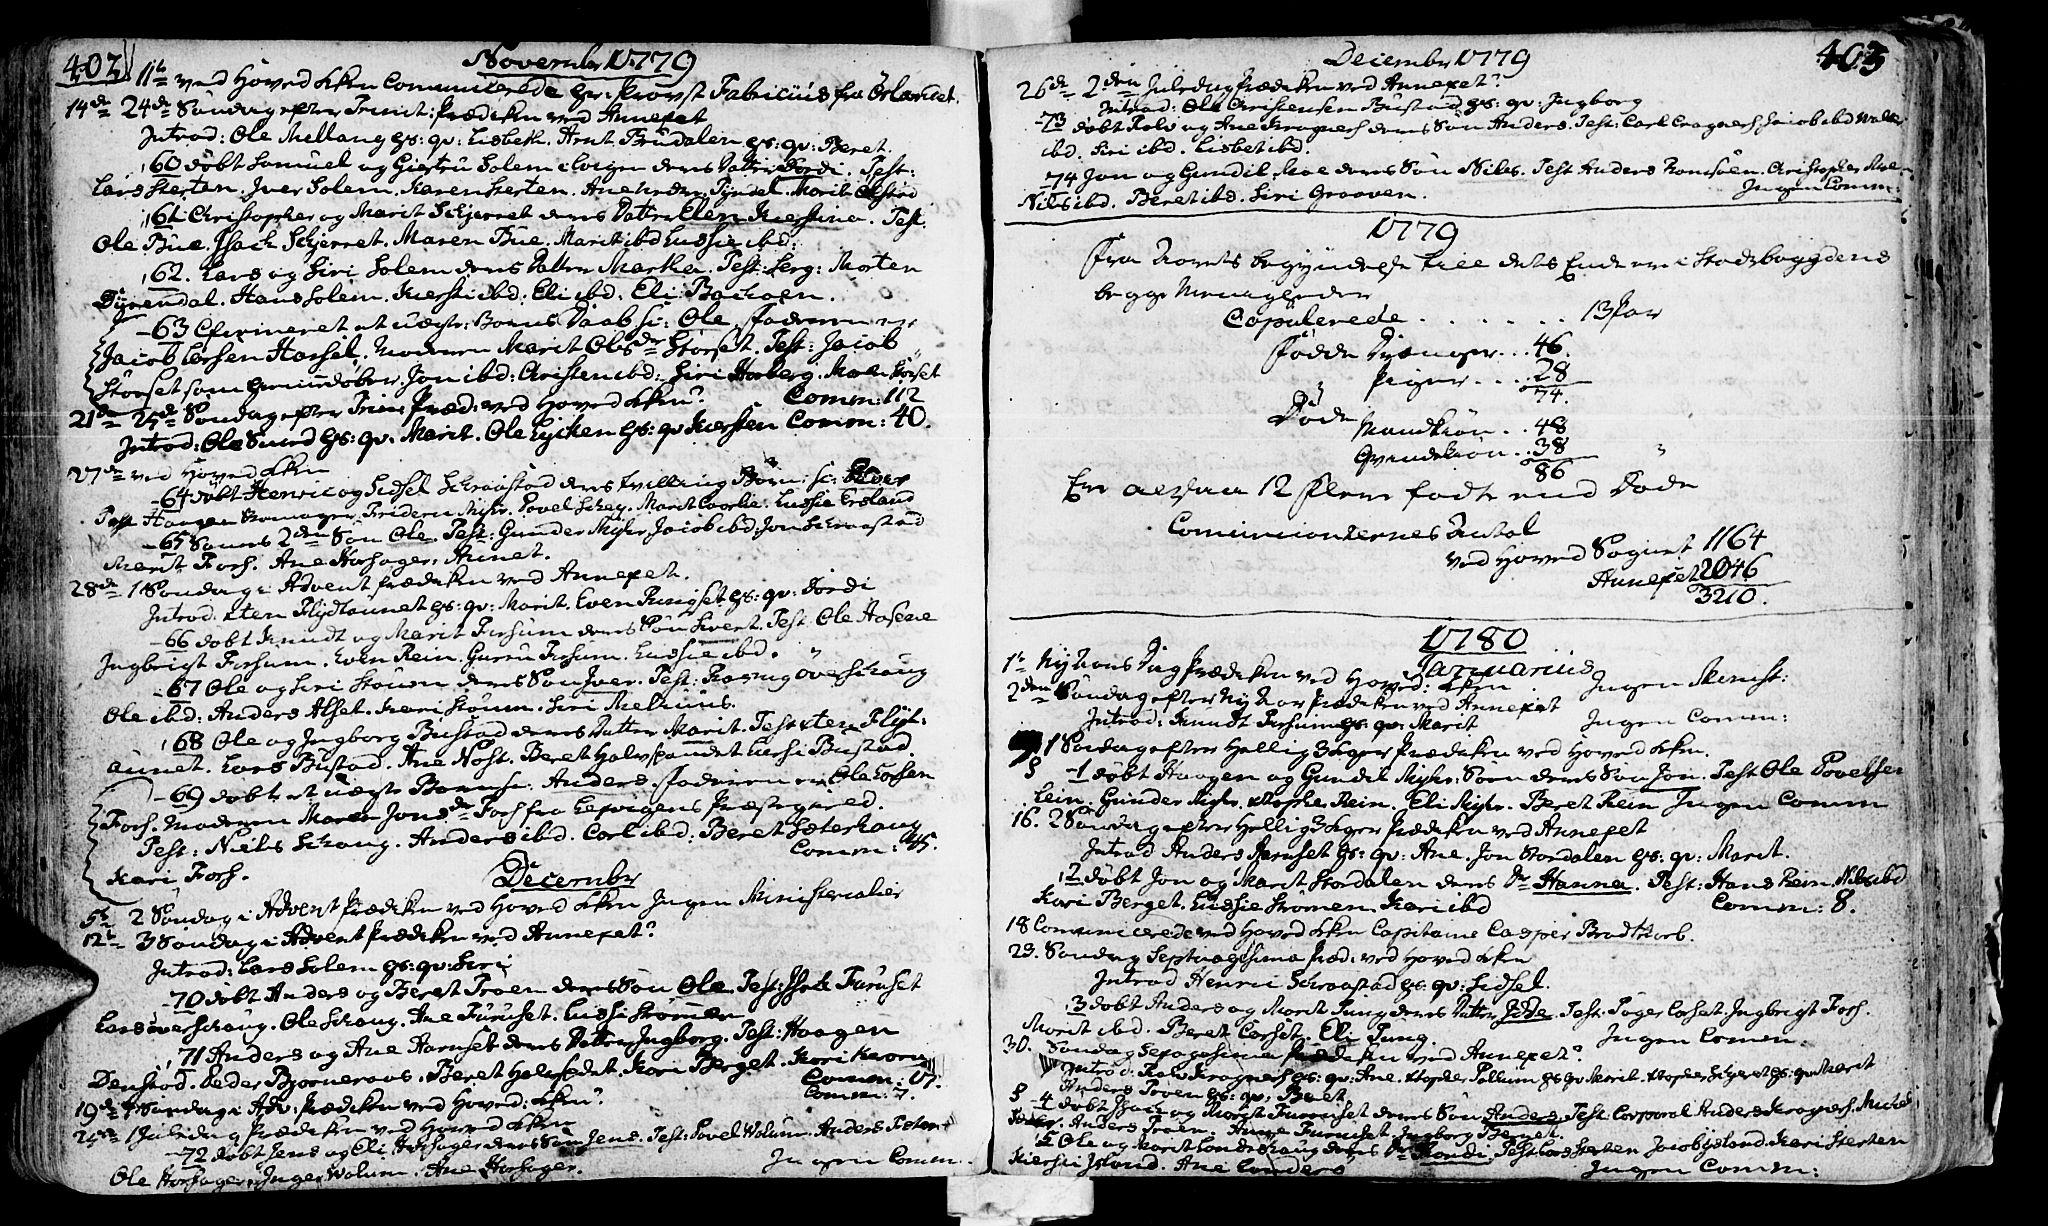 SAT, Ministerialprotokoller, klokkerbøker og fødselsregistre - Sør-Trøndelag, 646/L0605: Ministerialbok nr. 646A03, 1751-1790, s. 402-403